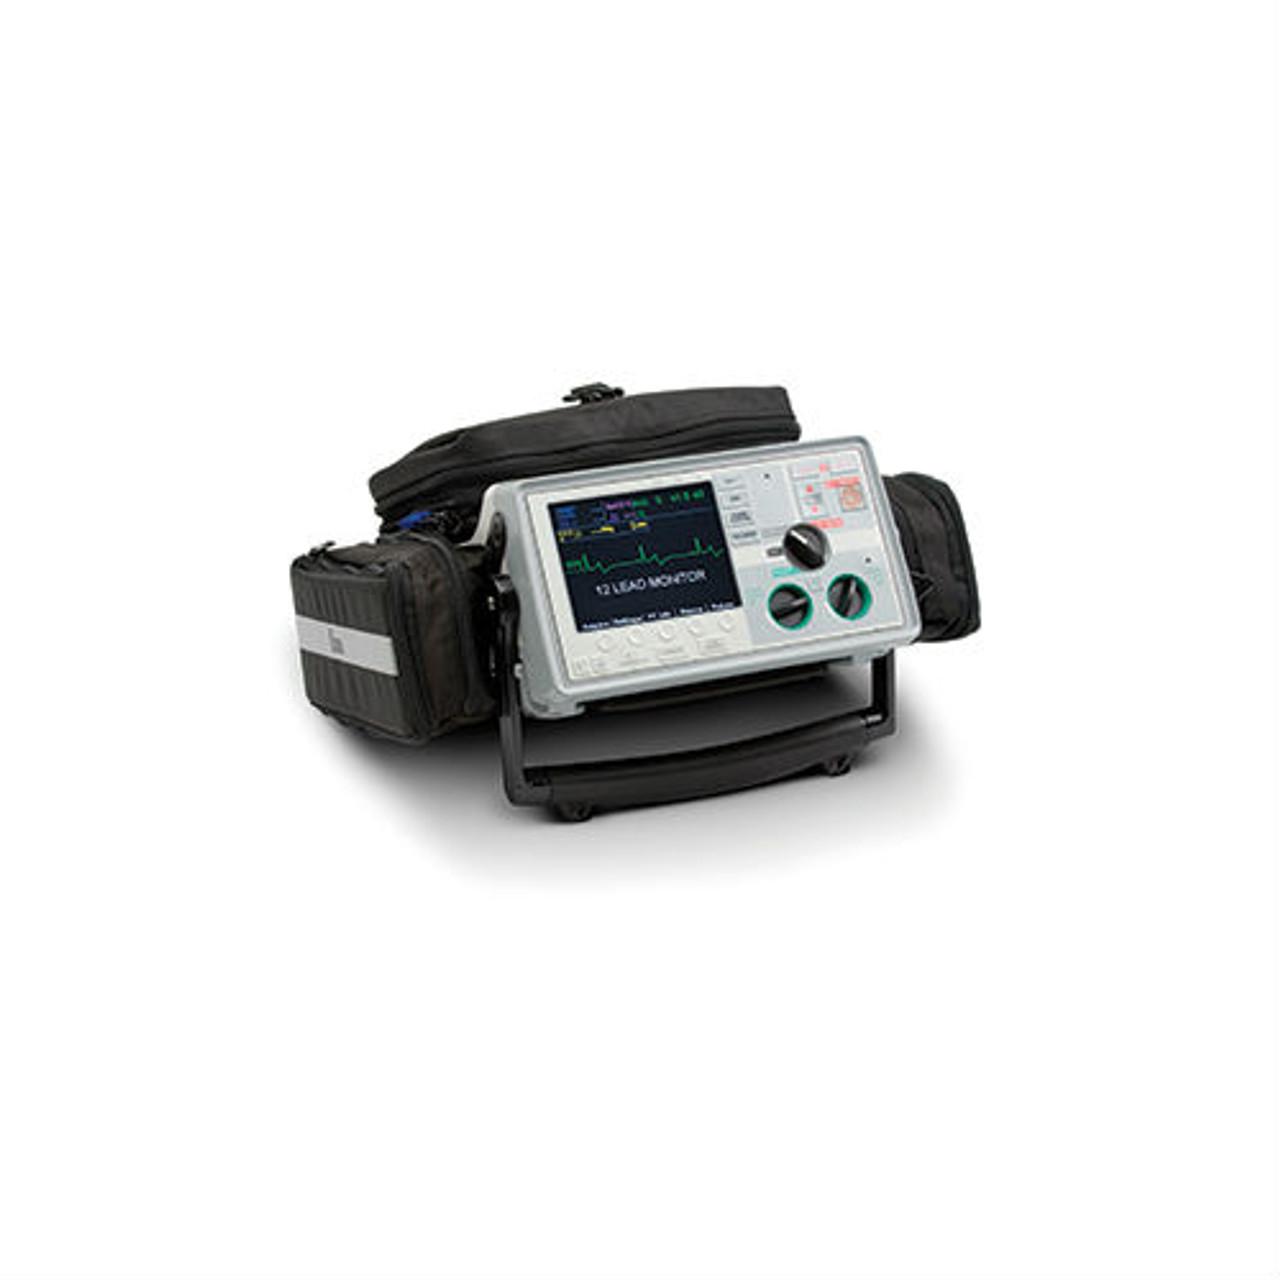 Zoll E Series Monitor Defibrillator